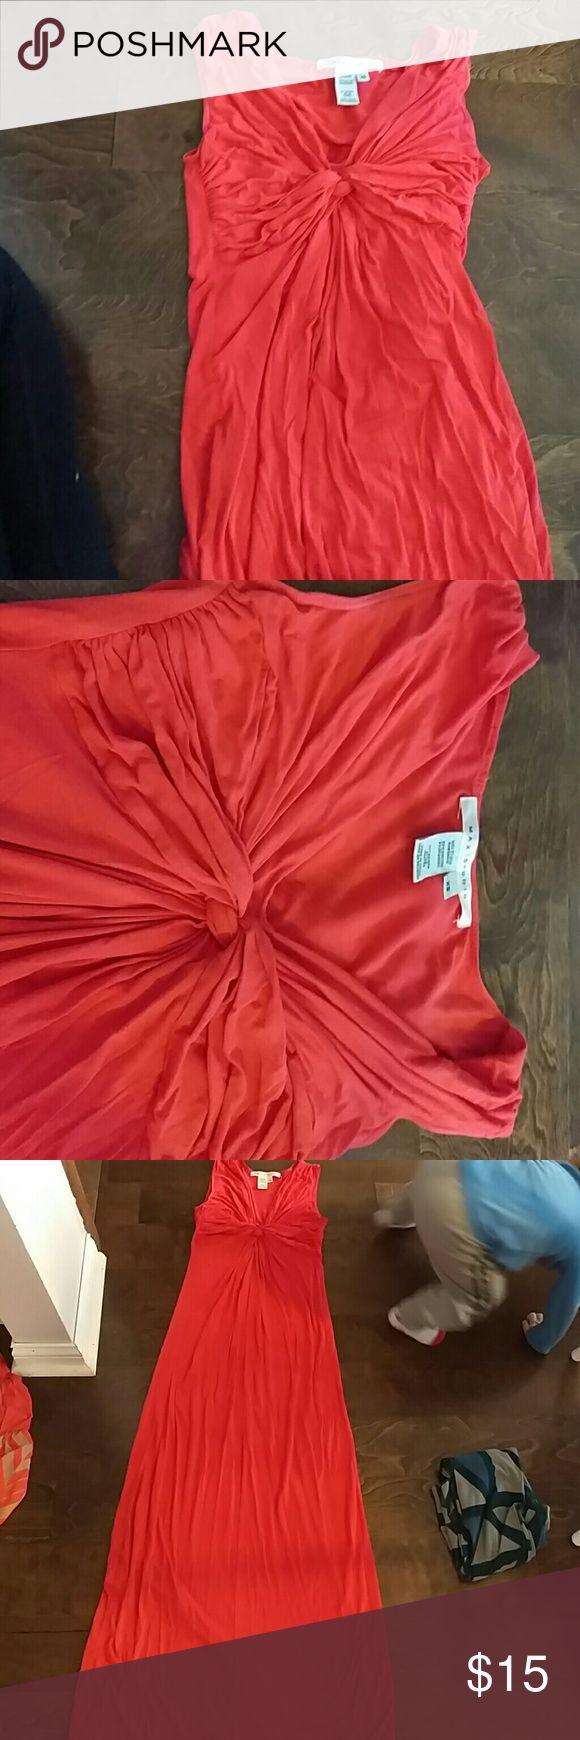 Max Studio Tank Maxi Dress Coral orange, knot front maxi dress. Very forgiving, flattering cut. Max Studio Dresses Maxi